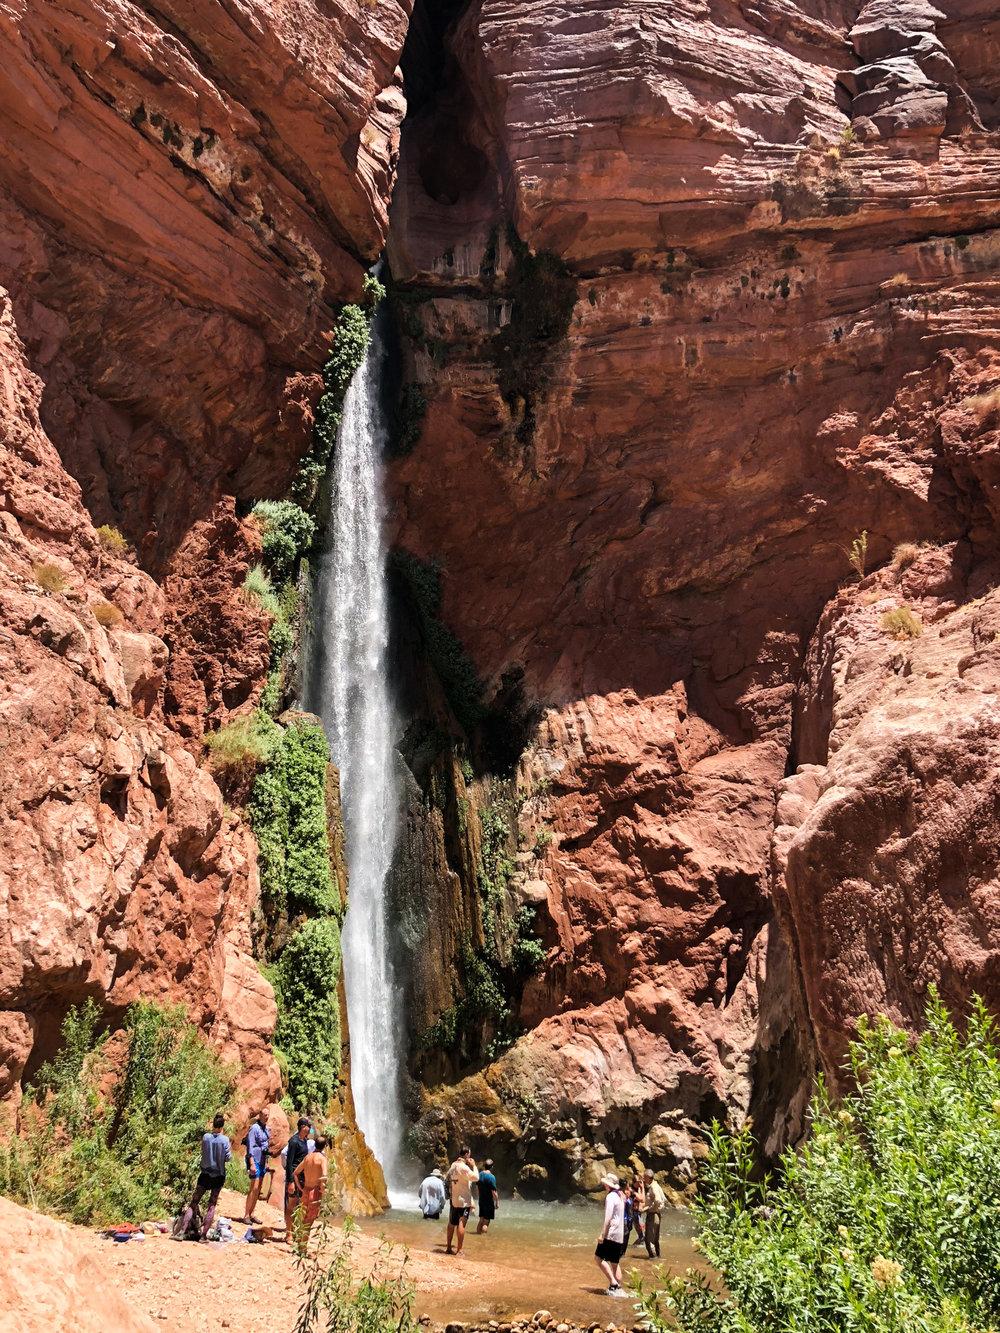 The waterfall at Deer Creek